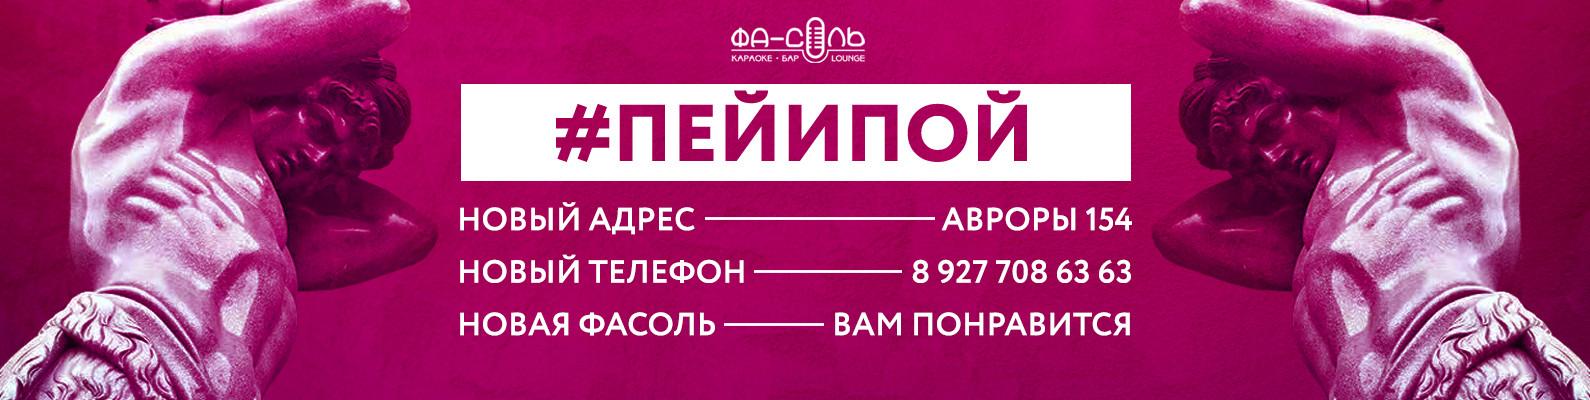 oblozhkafasol (1).jpg